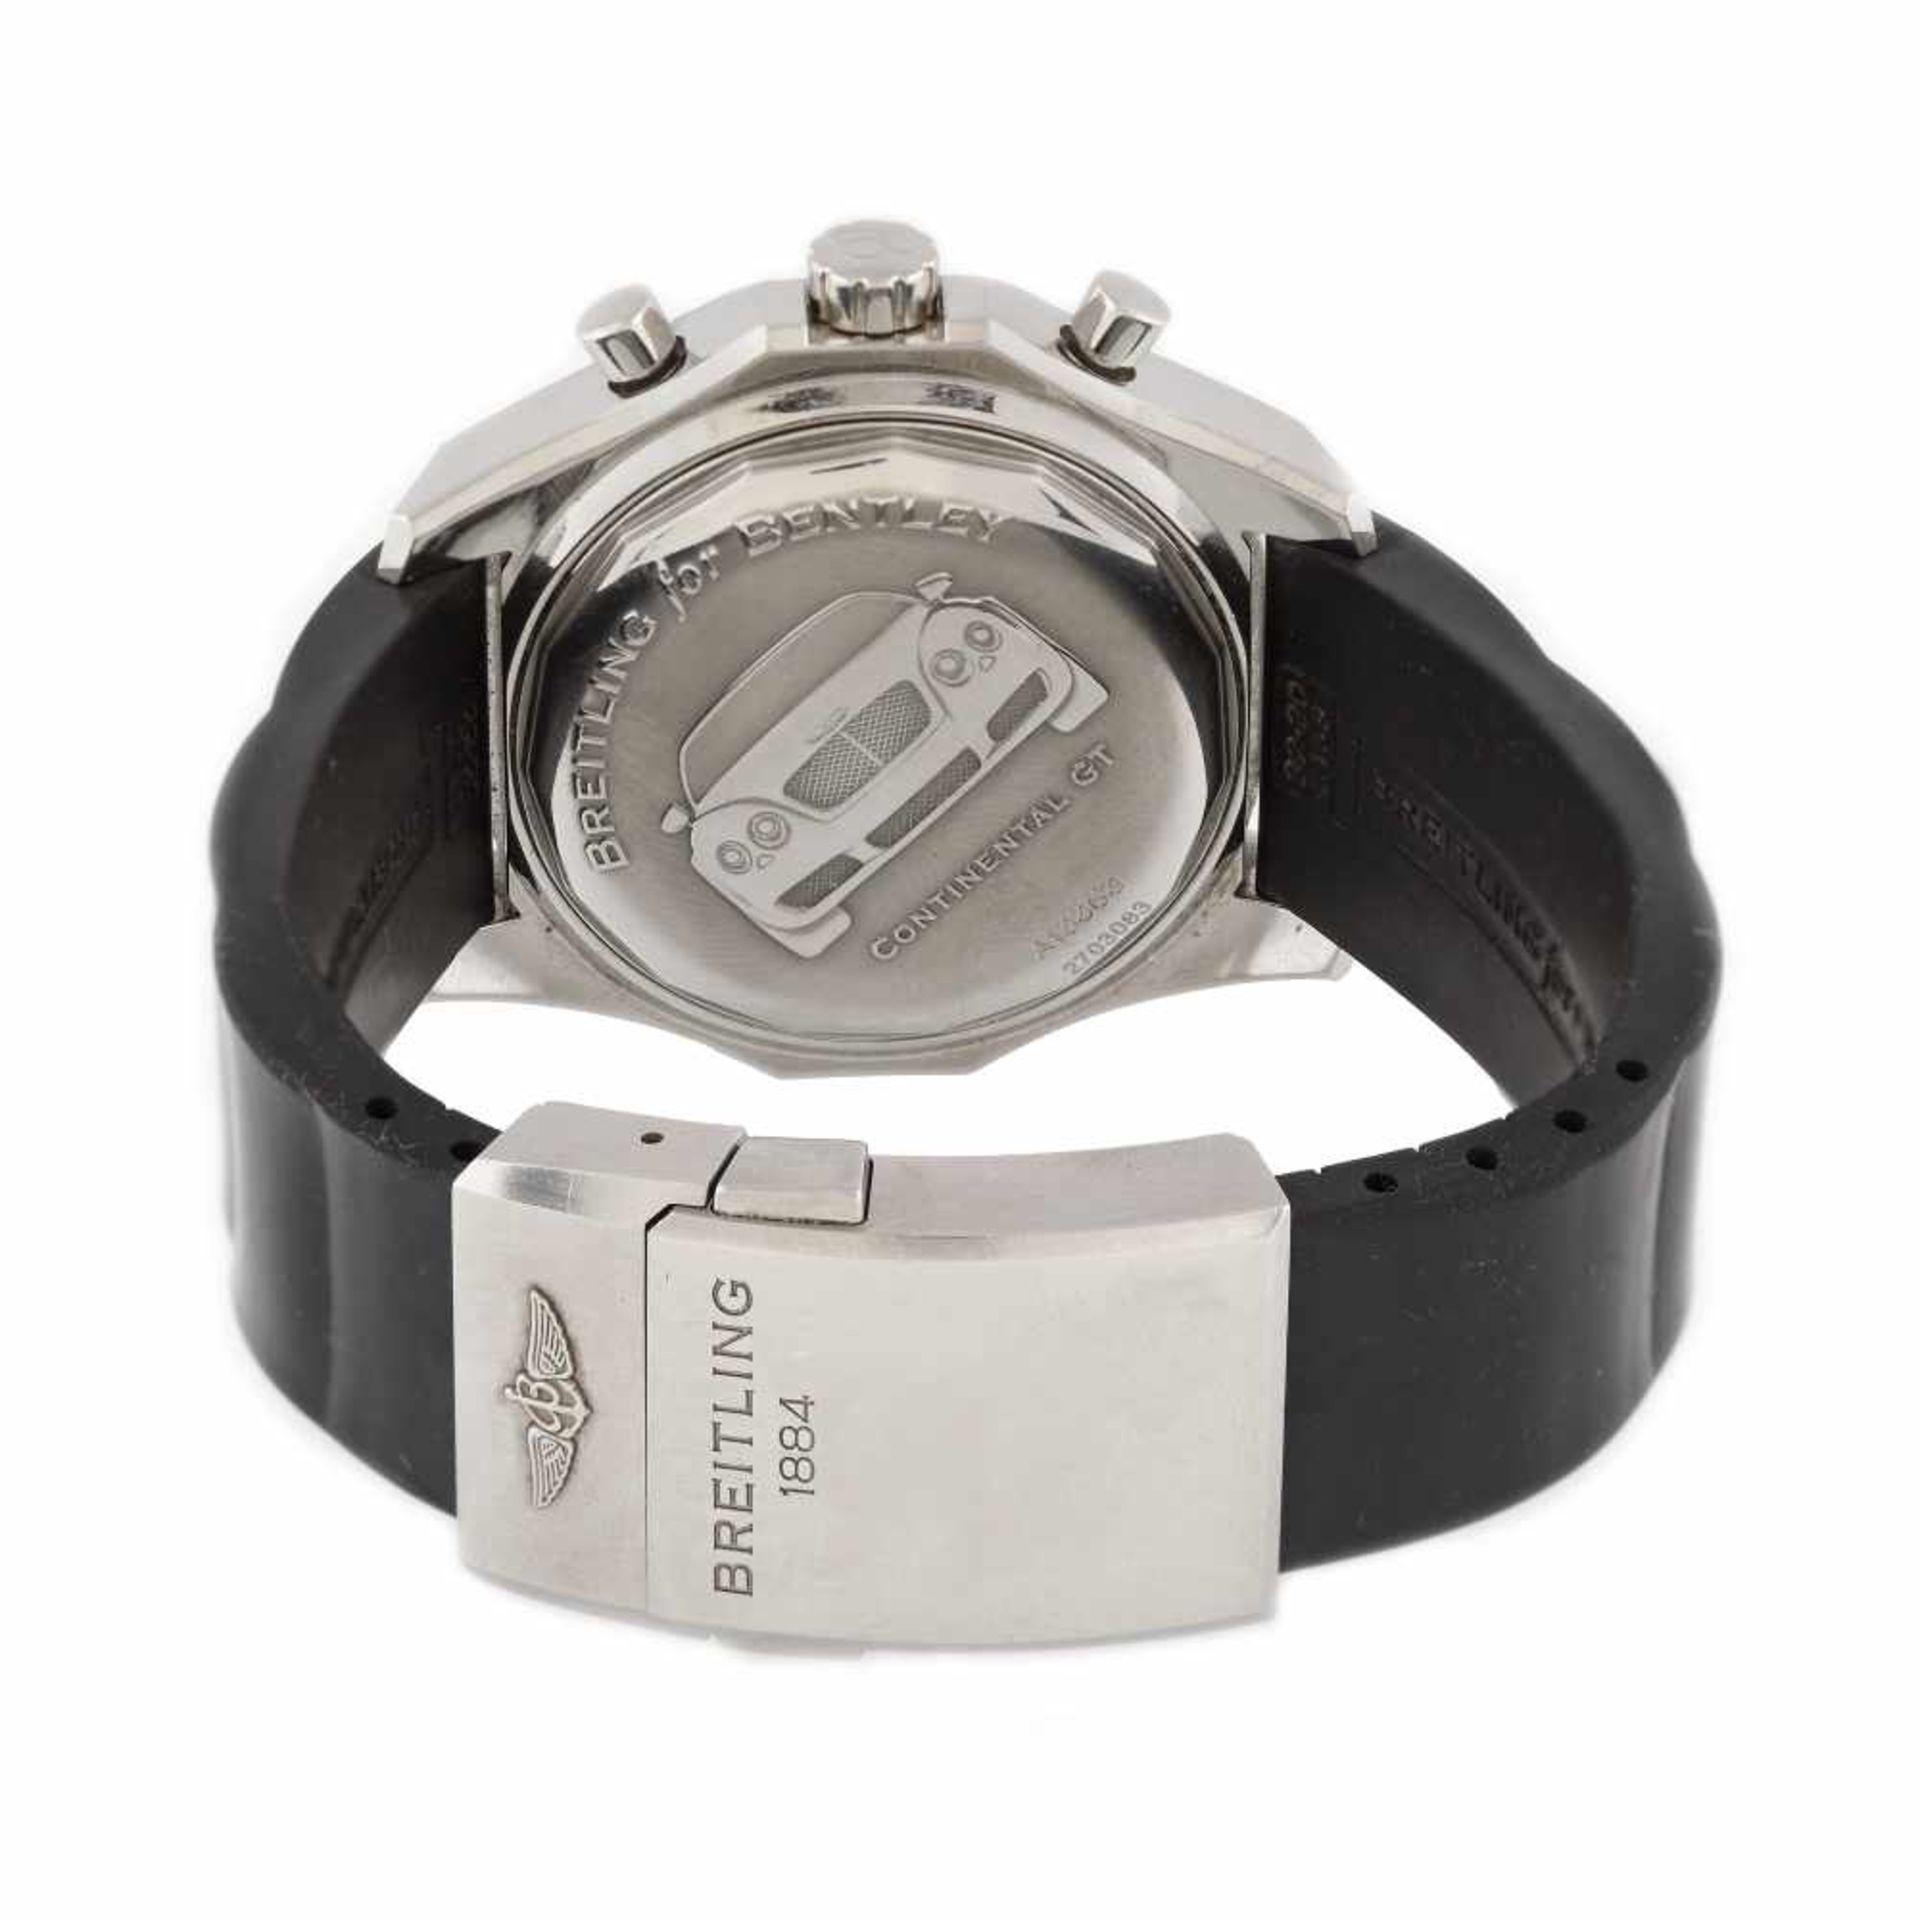 Breitling wristwatch, made for Bentley, men - Bild 3 aus 3